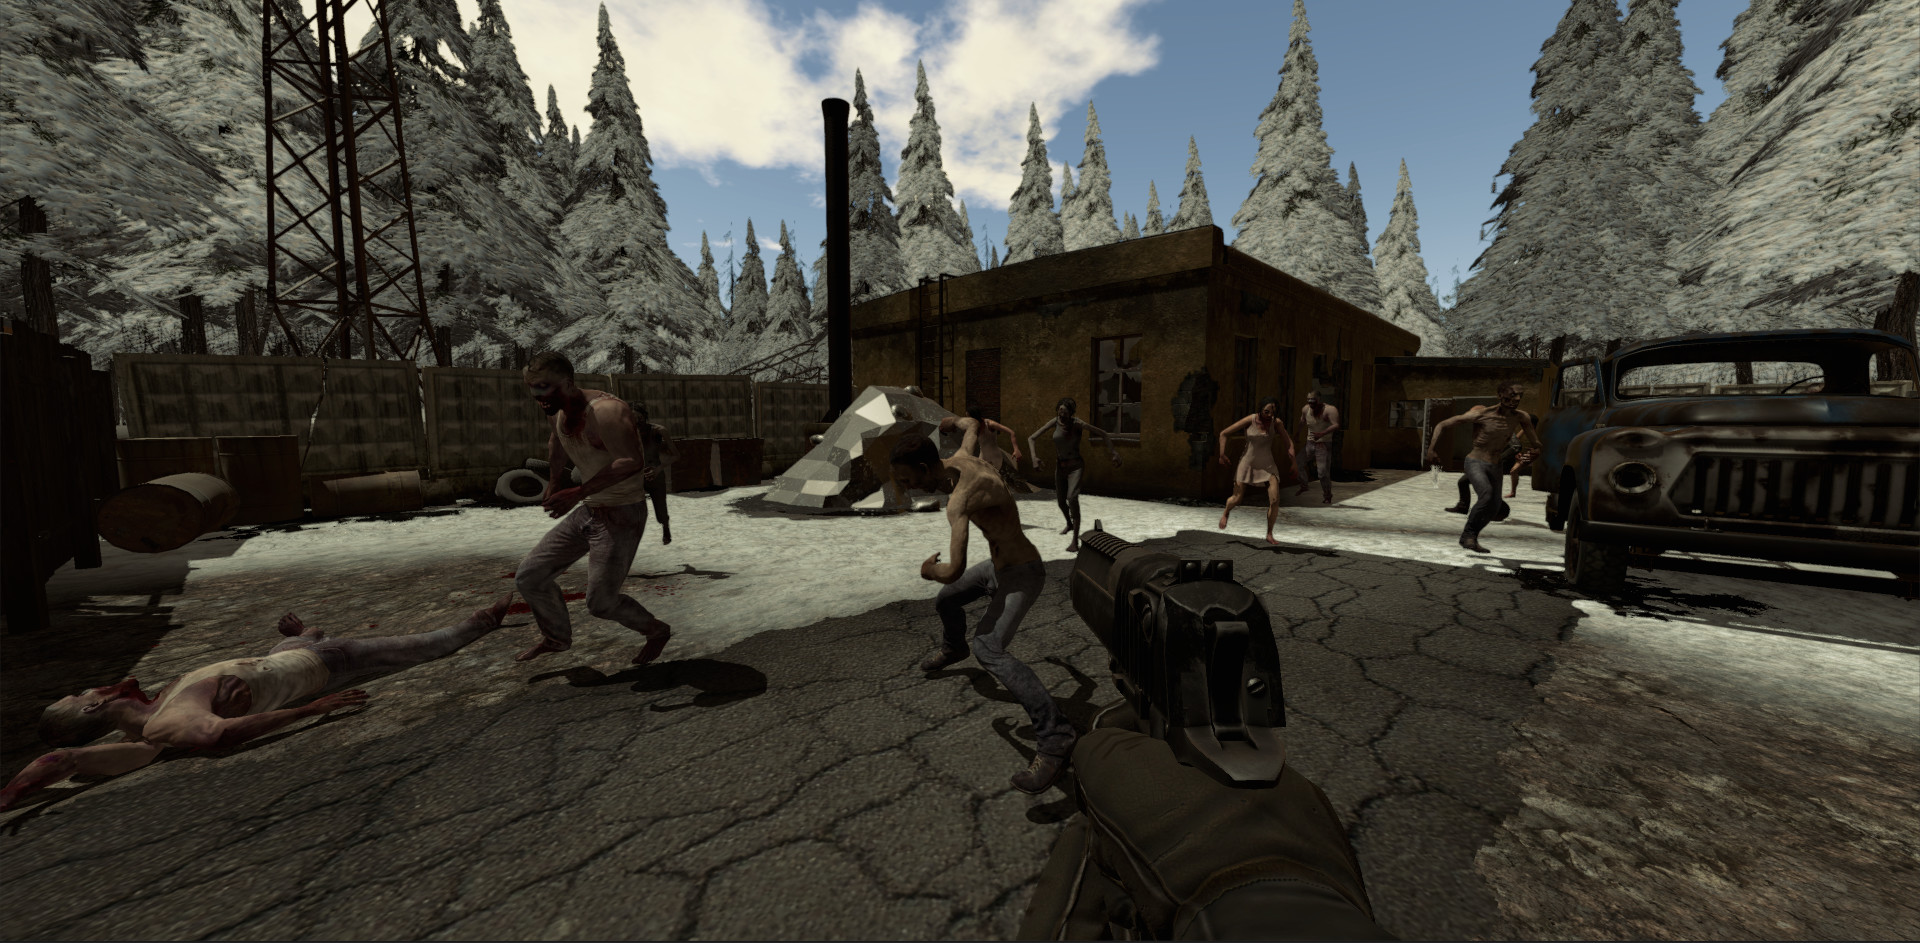 生存僵尸:逆转进化 游戏截图